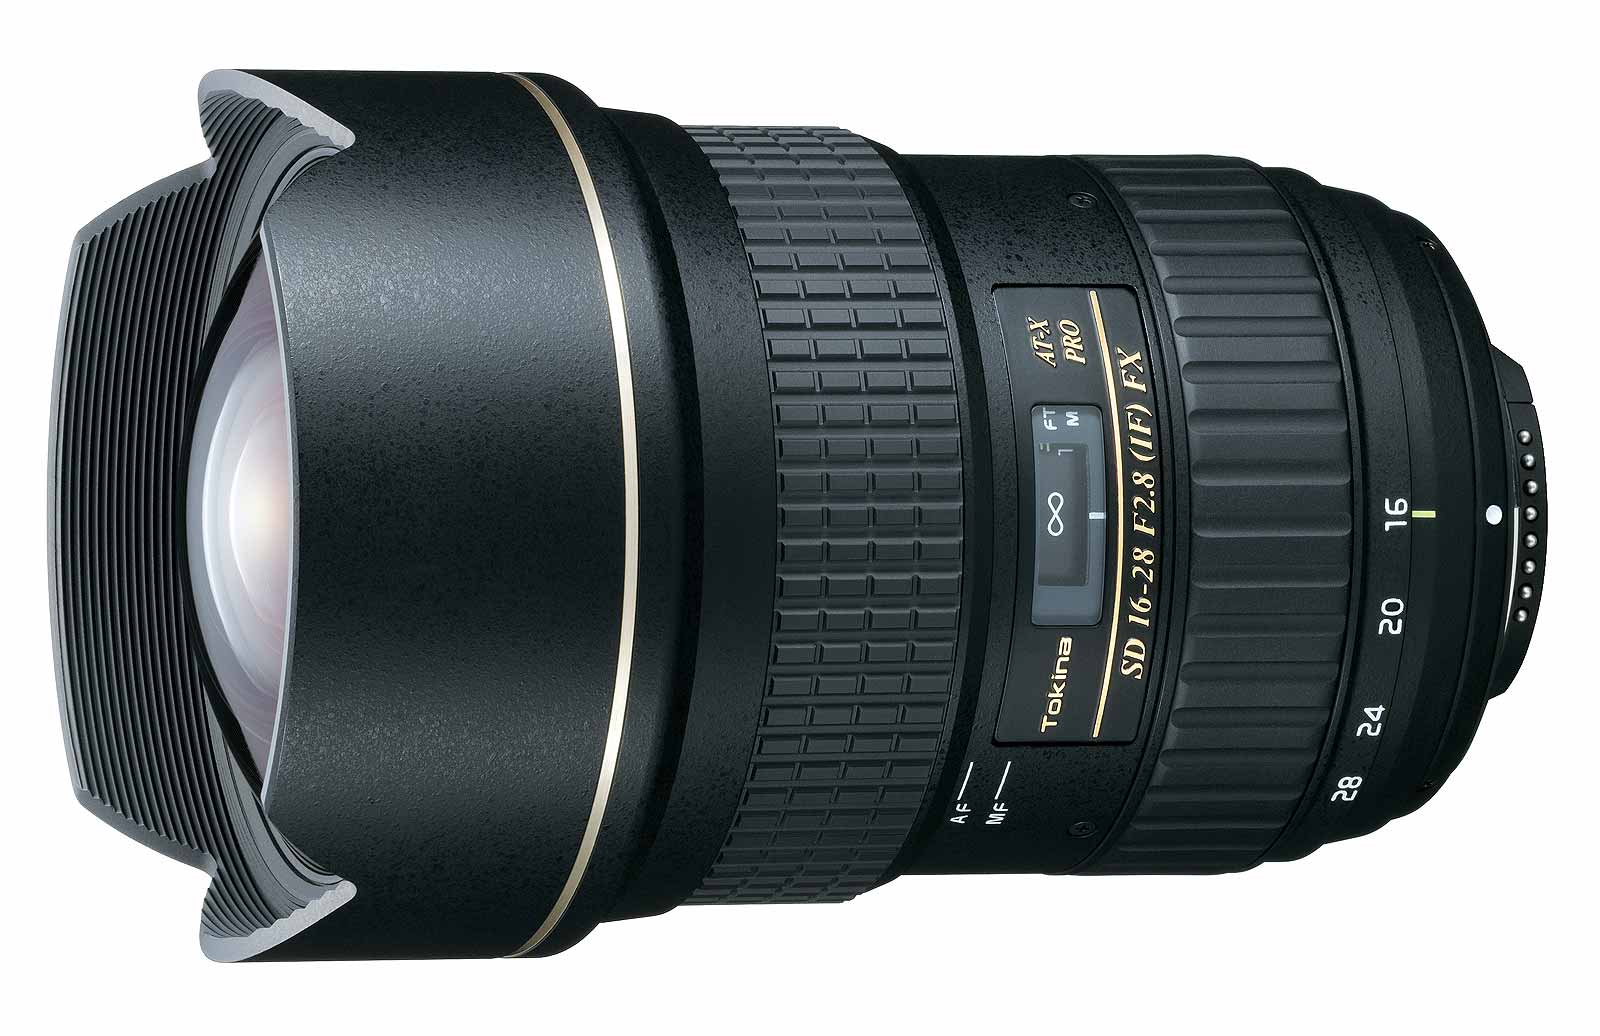 [延長2年保証/3年保険]トキナ AT-X16-28mmF2.8 PRO FX ニコンFマウント[SD16~28mmF2.8(IF)FX]『即納』【あす楽対応】フルサイズ撮像素子対応大口径広角ズームレンズ[02P05Nov16]